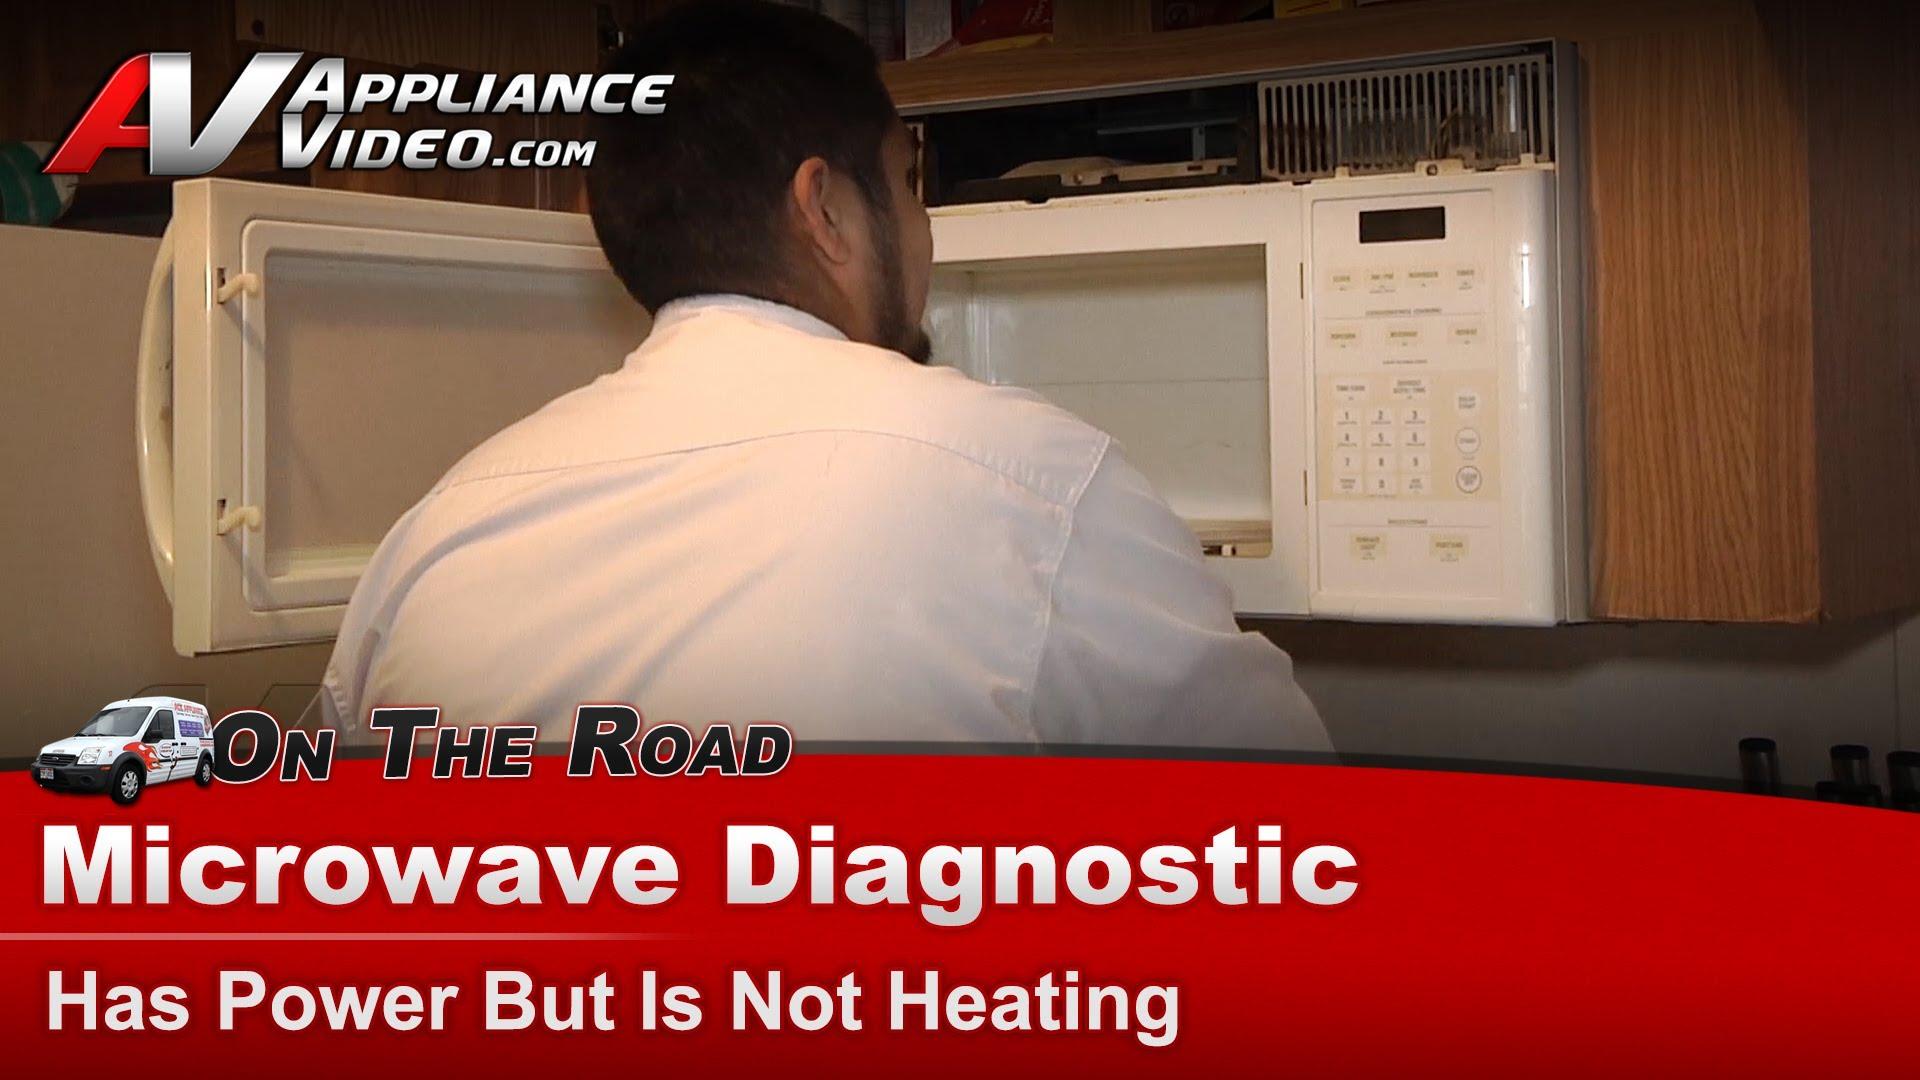 appliance video